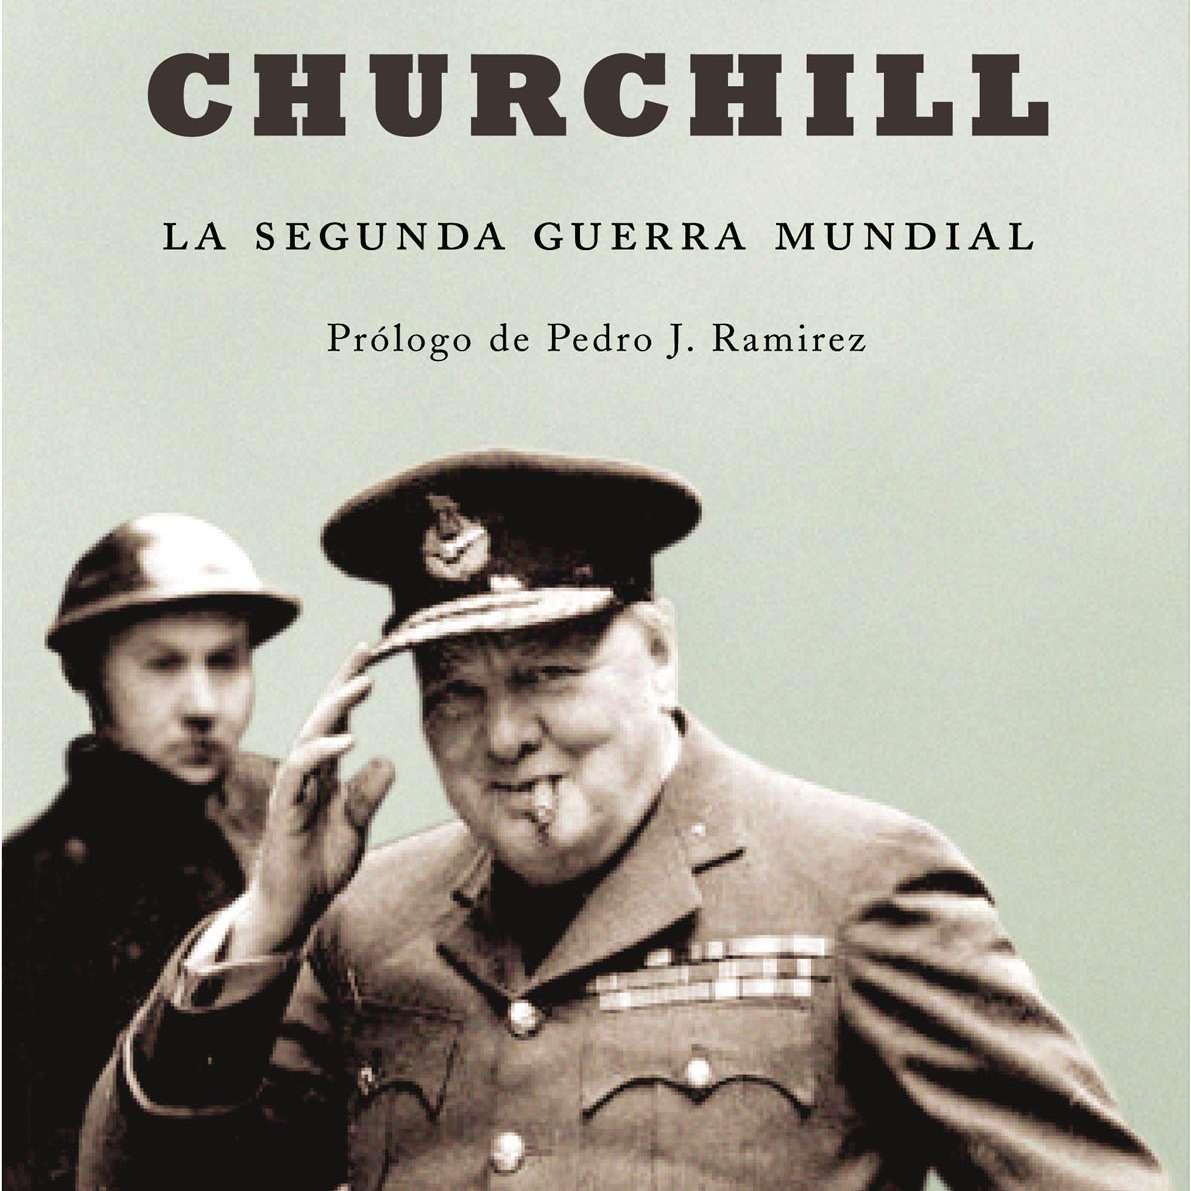 La Segunda Guerra Mundial, por Winston Churchill